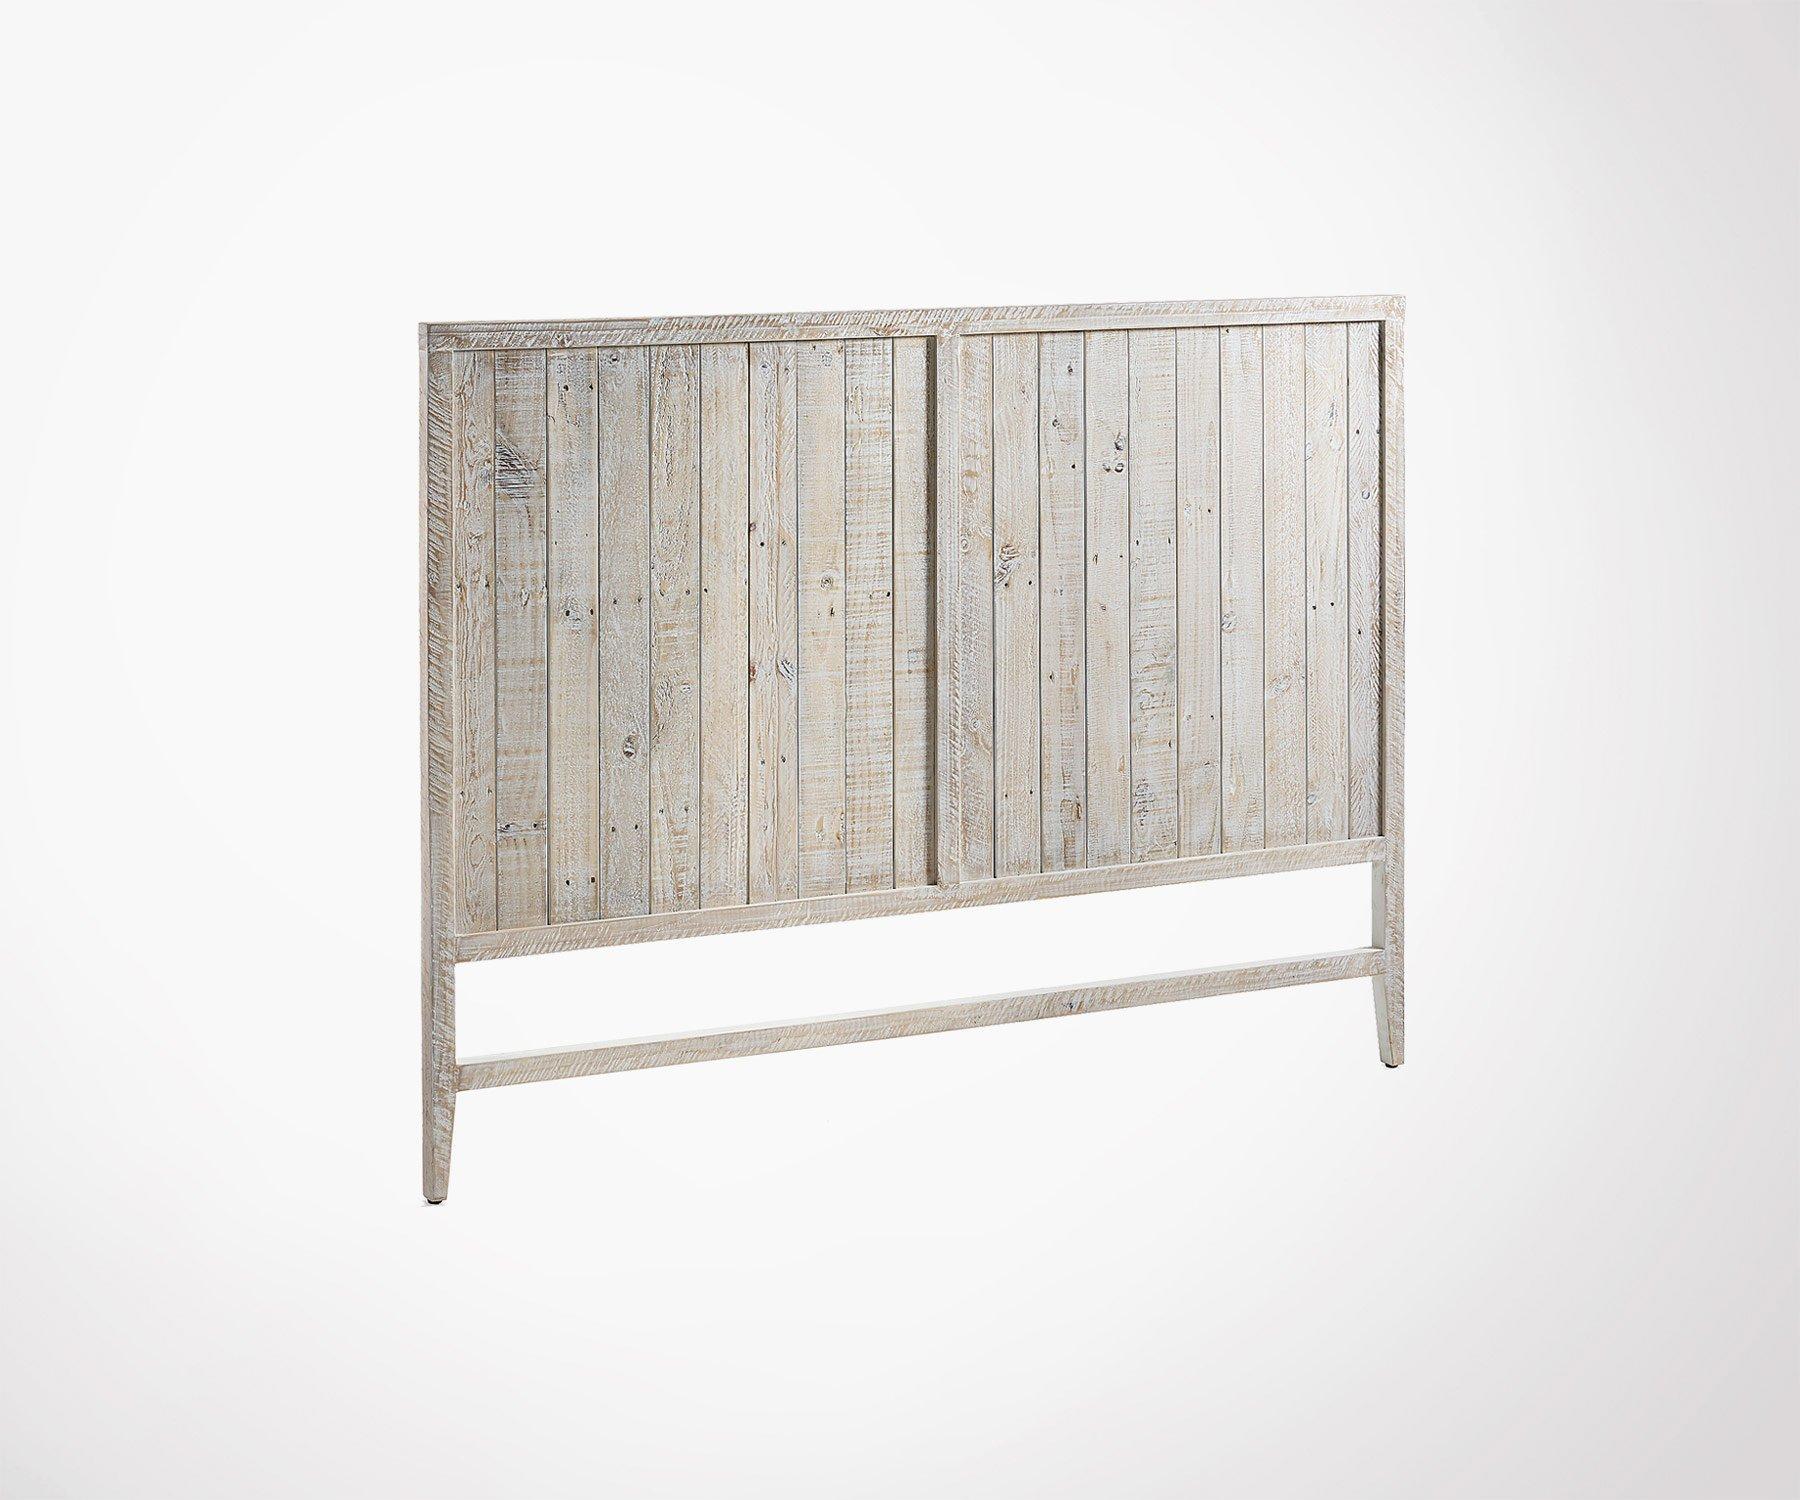 Tete De Lit Ethnique tête de lit style campagne 174x130cm pin recyclé effet vieilli